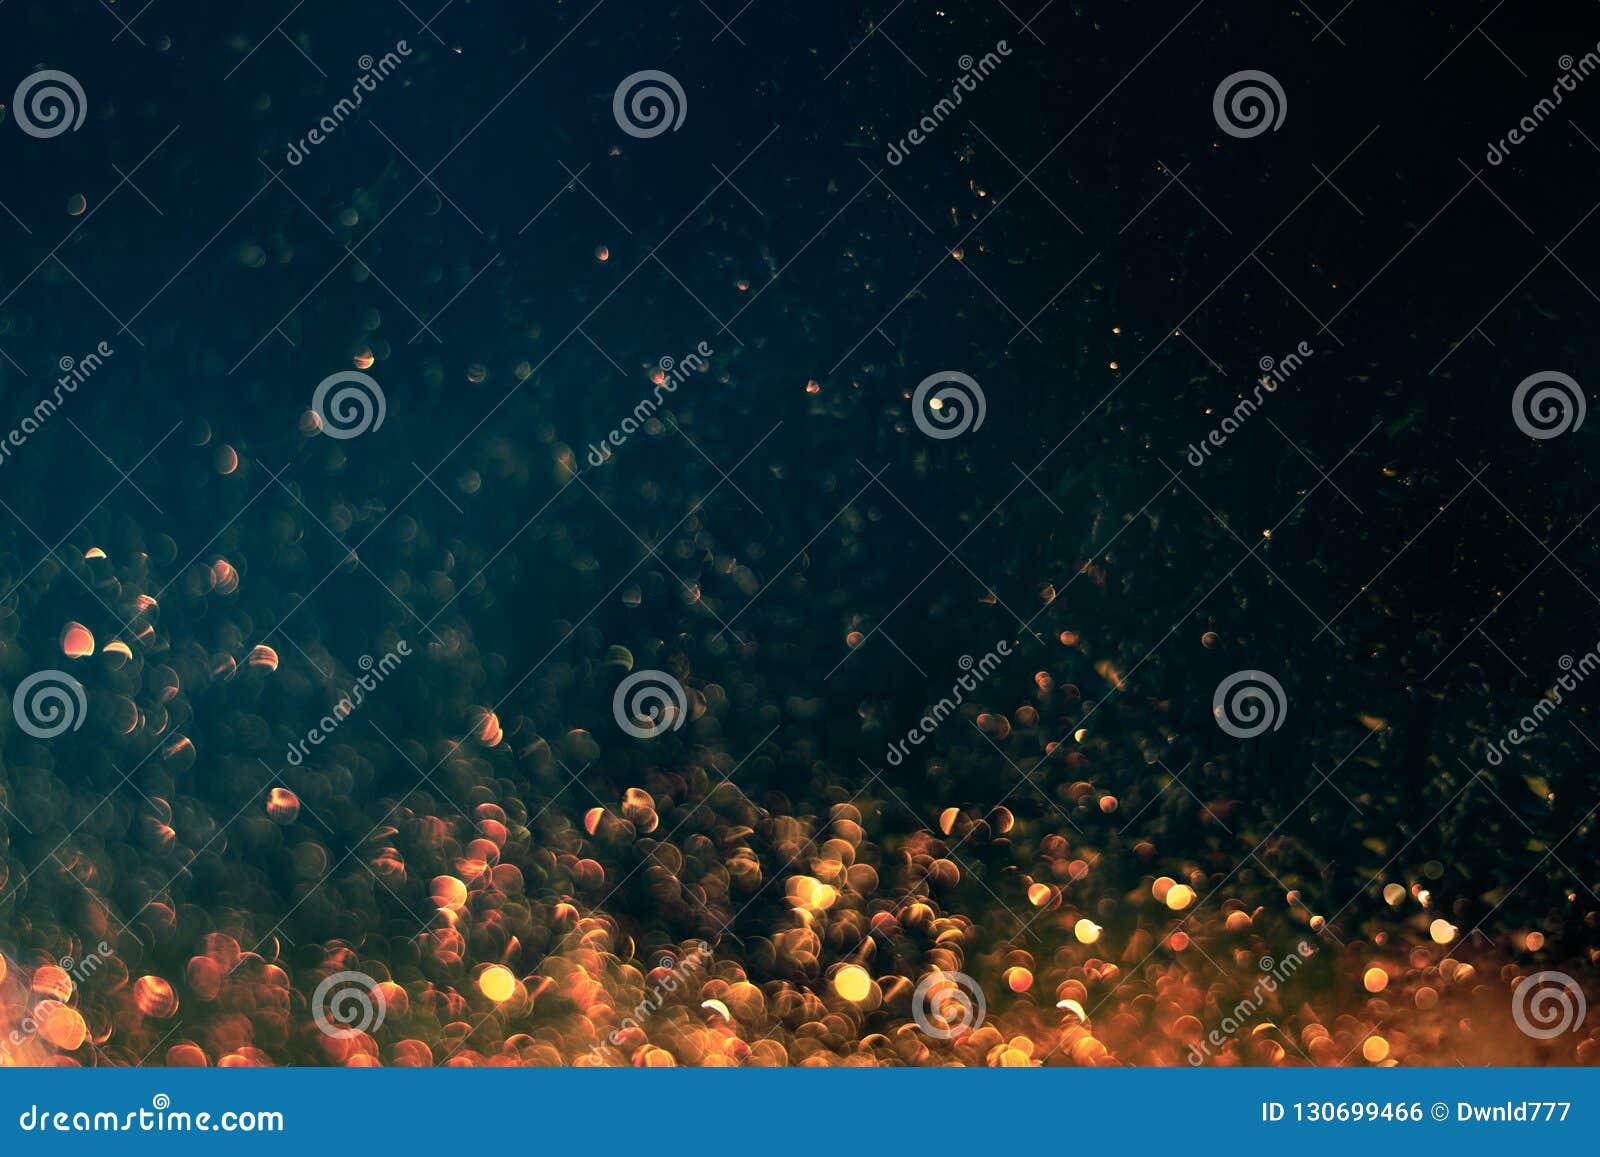 Glittering sparkles in dark